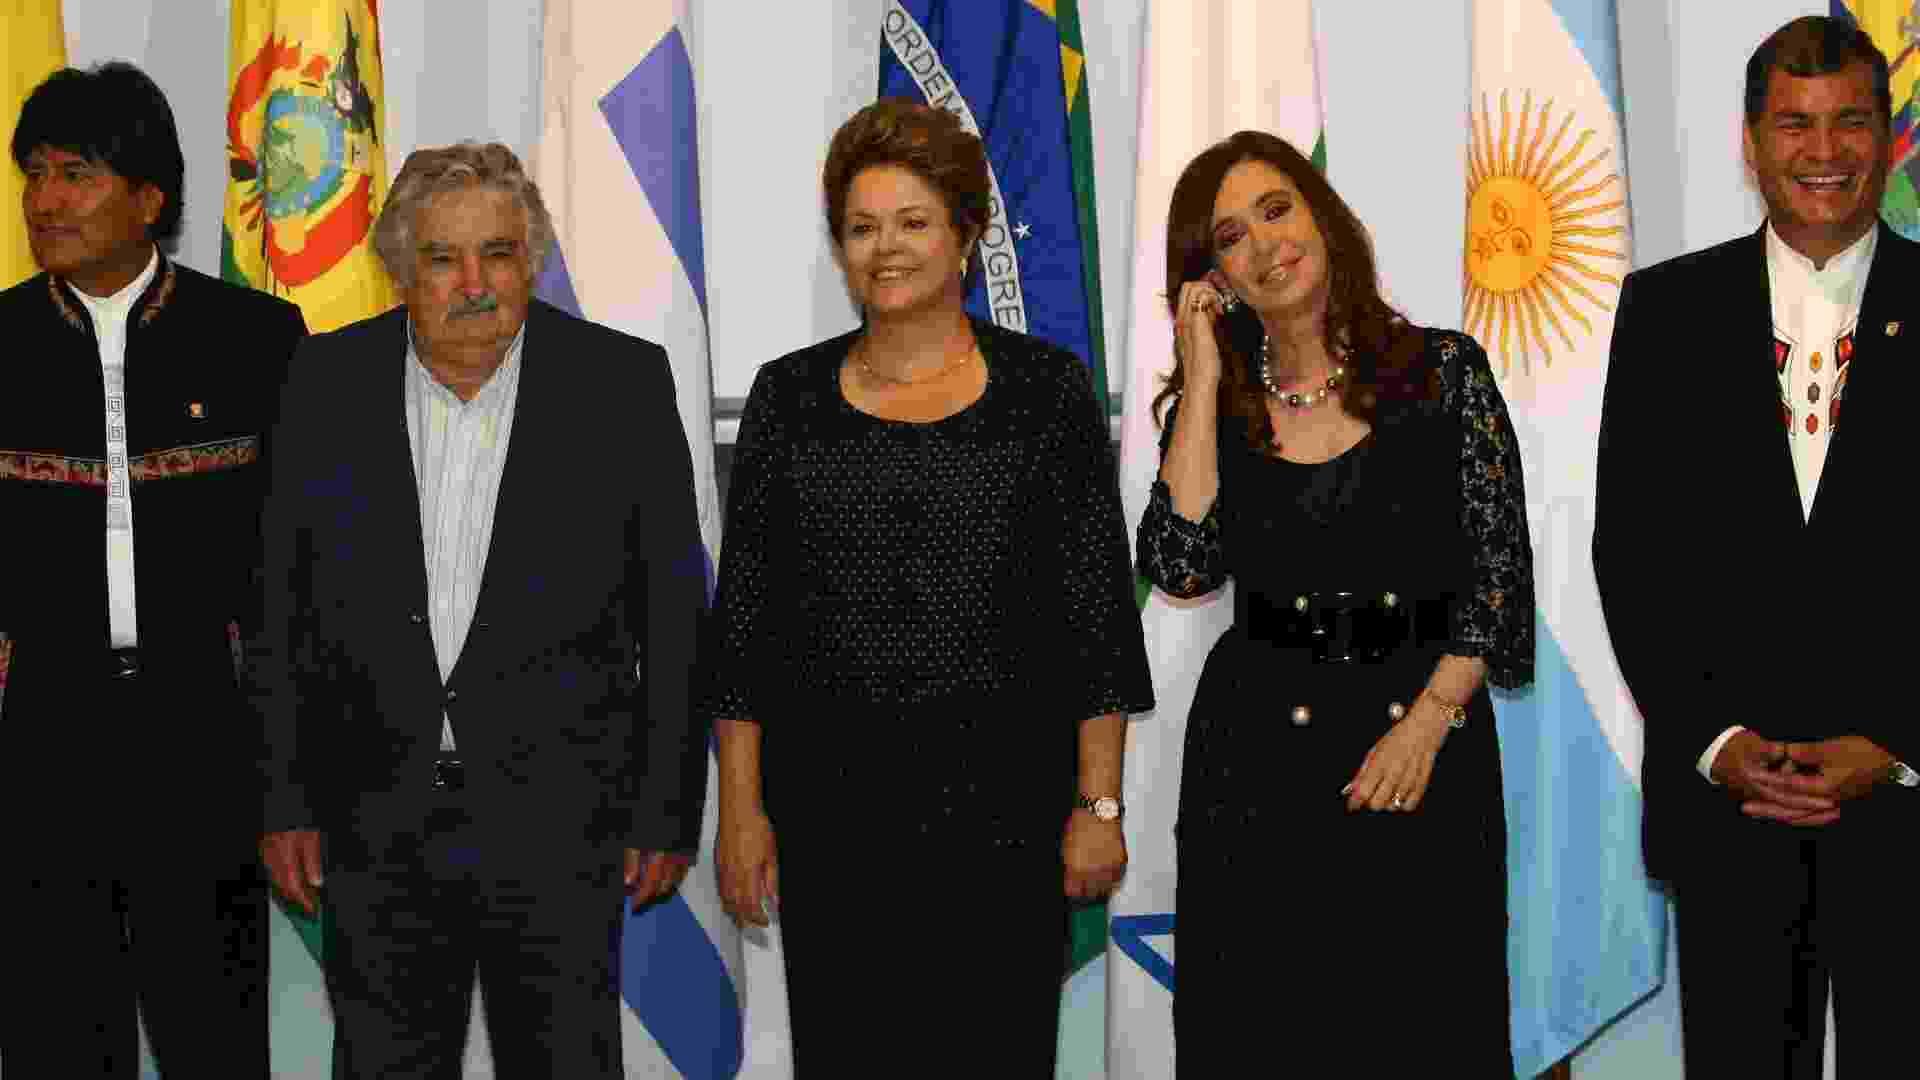 7.dez.2012 - Da esquerda para a direita, os presidentes Evo Morales (Bolívia), Pepe Mujica (Uruguai), Dilma Rousseff (Brasil), Cristina Kirchner (Argentina) e Rafael Correa (Equador), posam para foto durante a cúpula do Mercosul, que acontece em Brasília - Alan Marques/Folhapress